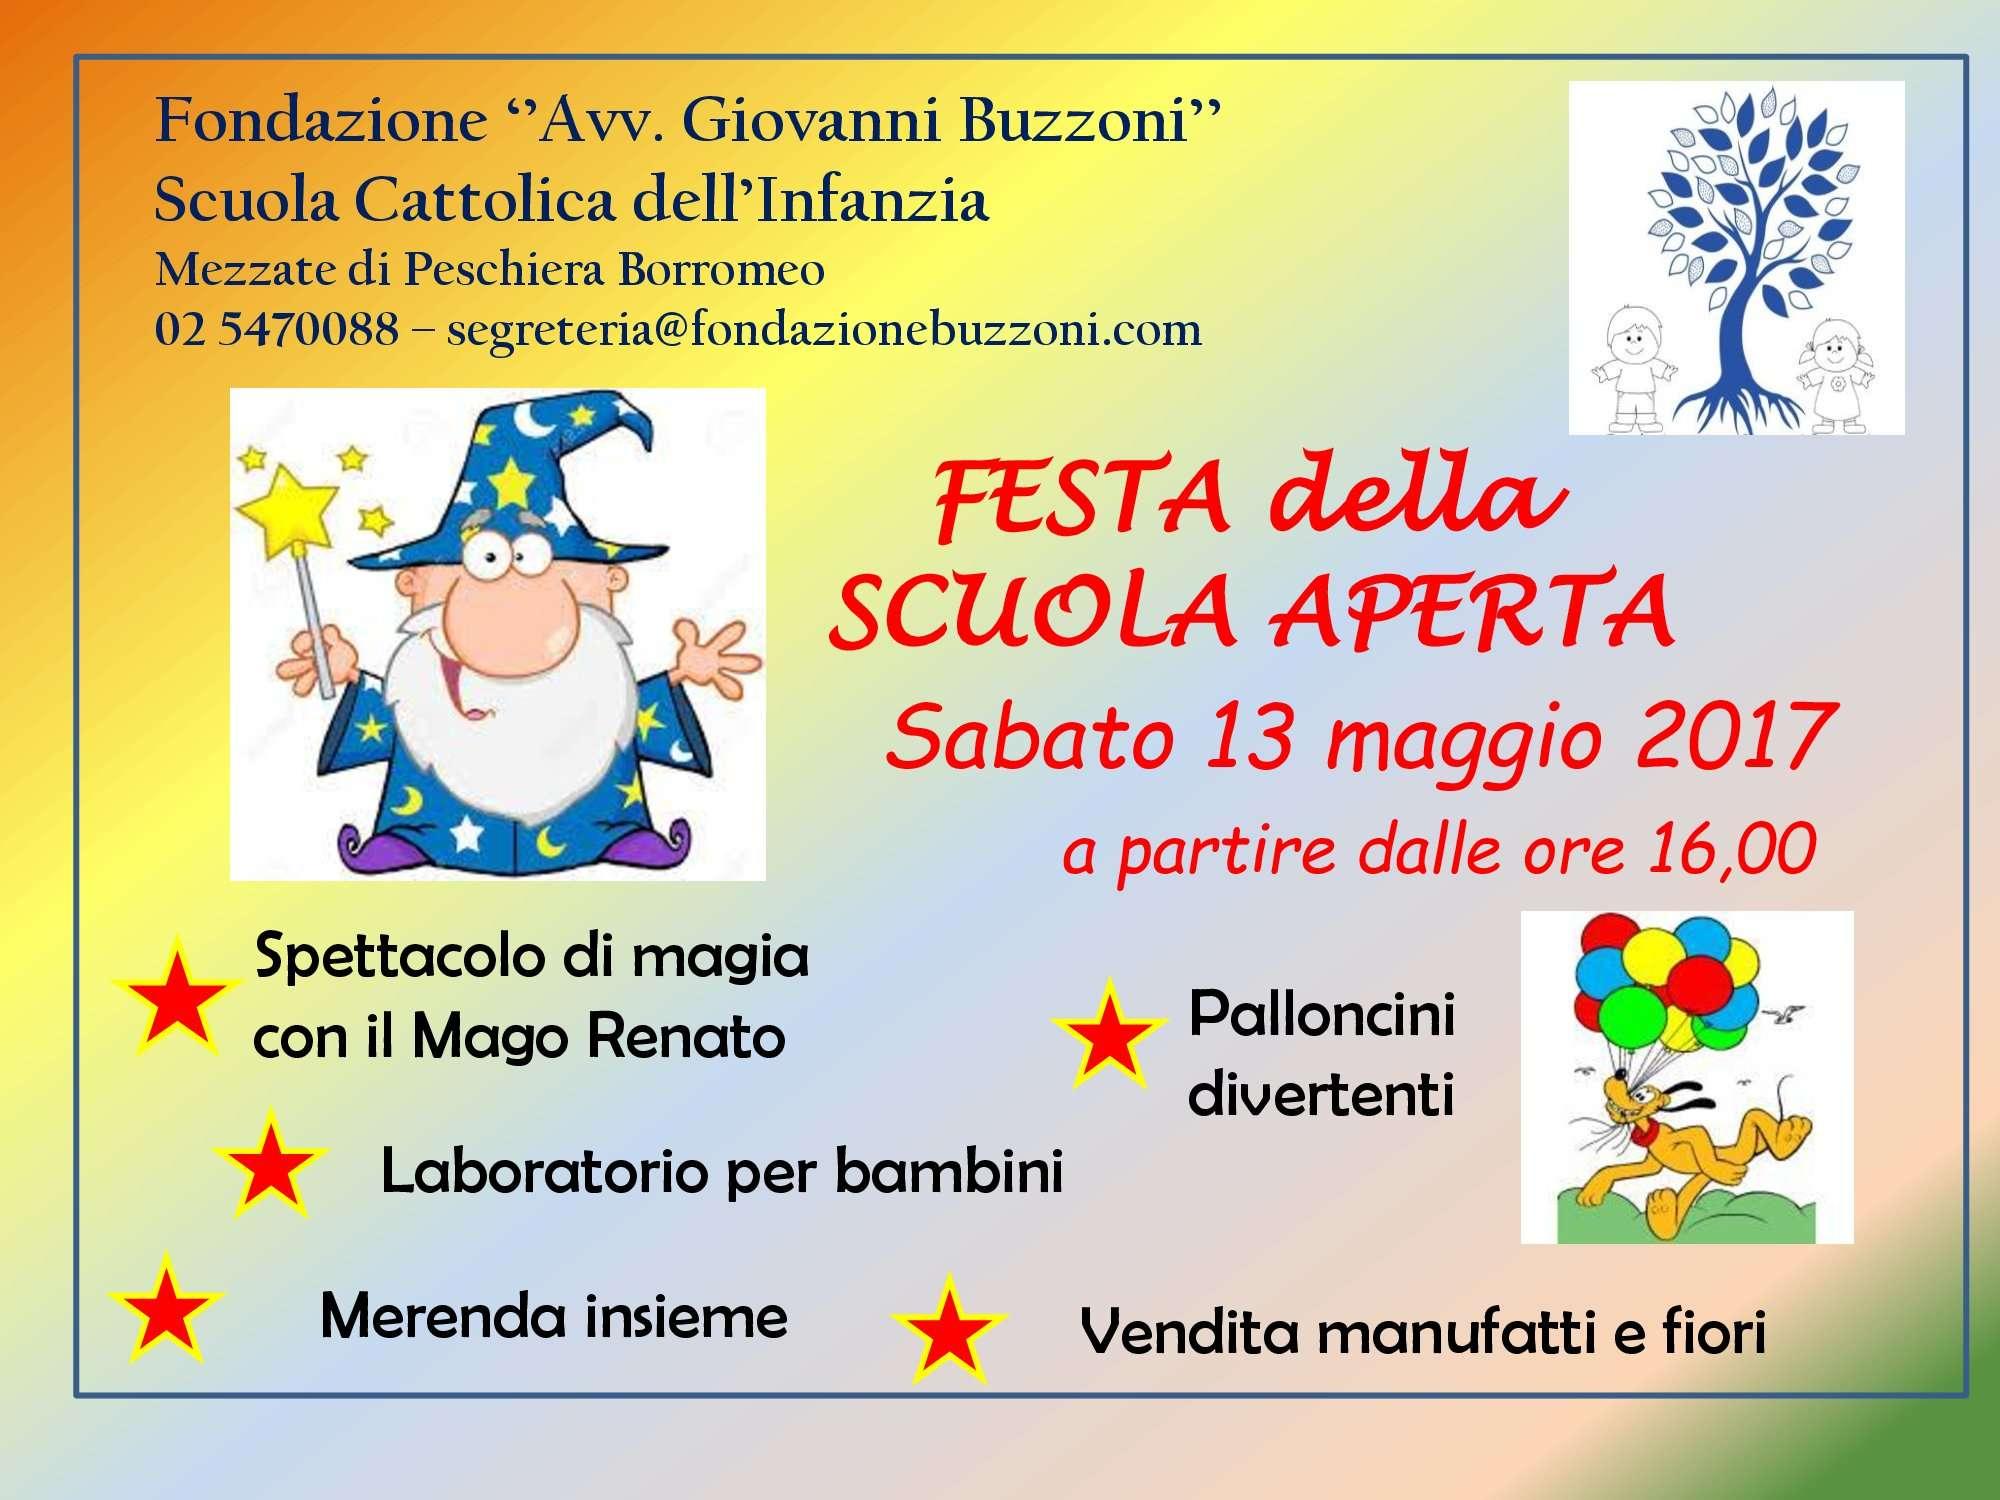 Festa della Scuola -13 Maggio 2017 - Scuola Materna Peschiera Borromeo